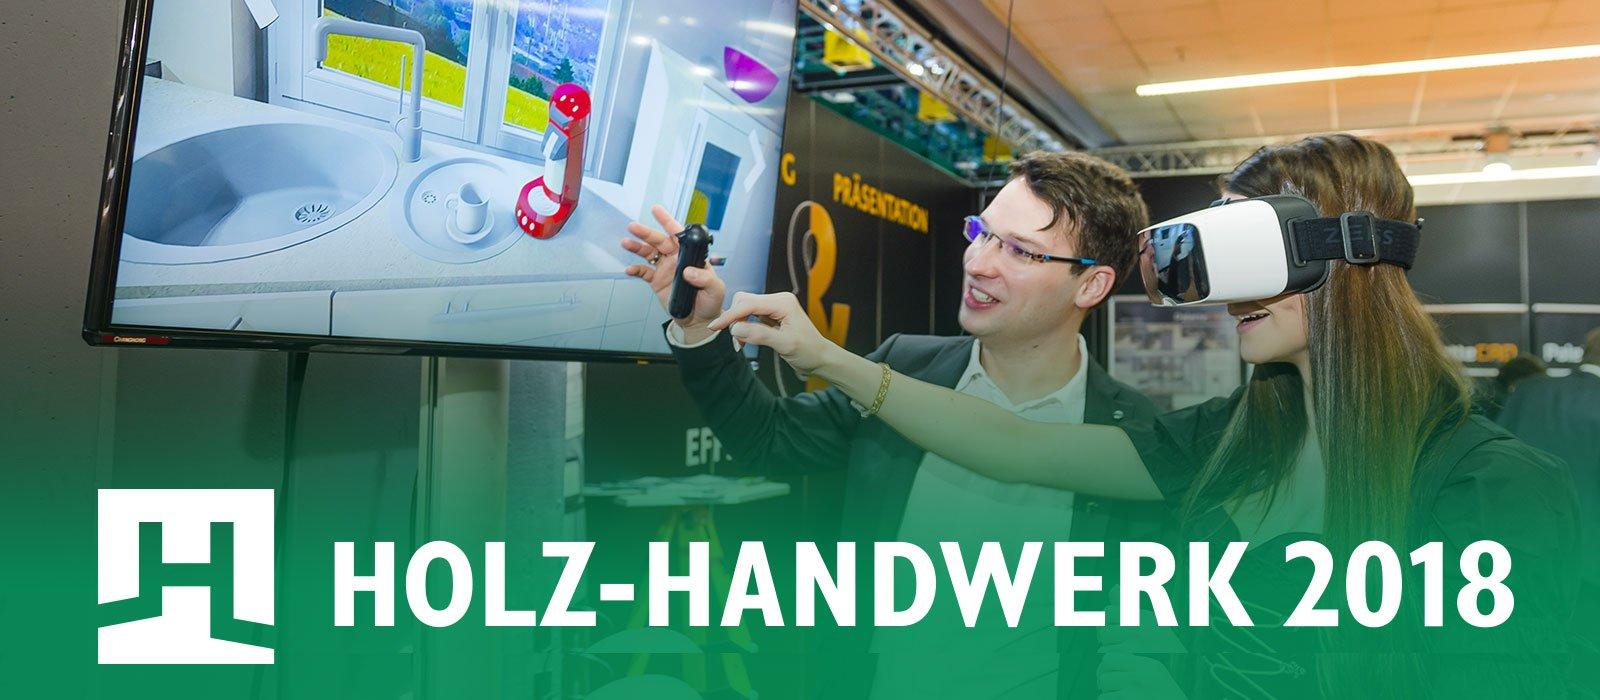 utensili-wirutex-holz-handwerk-2018-01